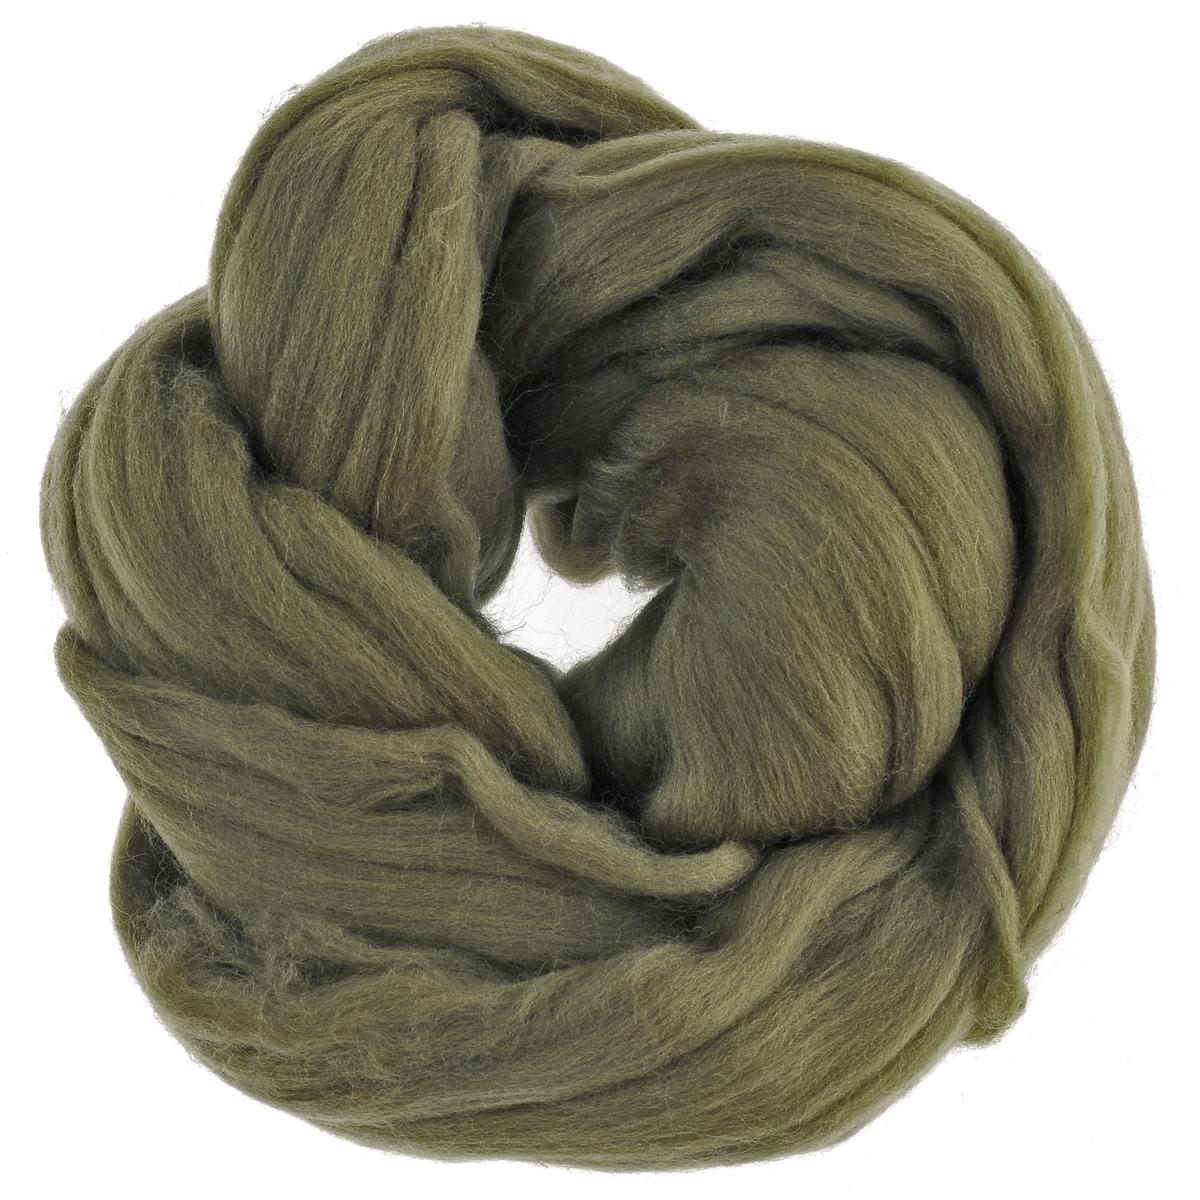 Шерсть для валяния Астра, тонкая, цвет: хаки (0683), 50 г679103_0683